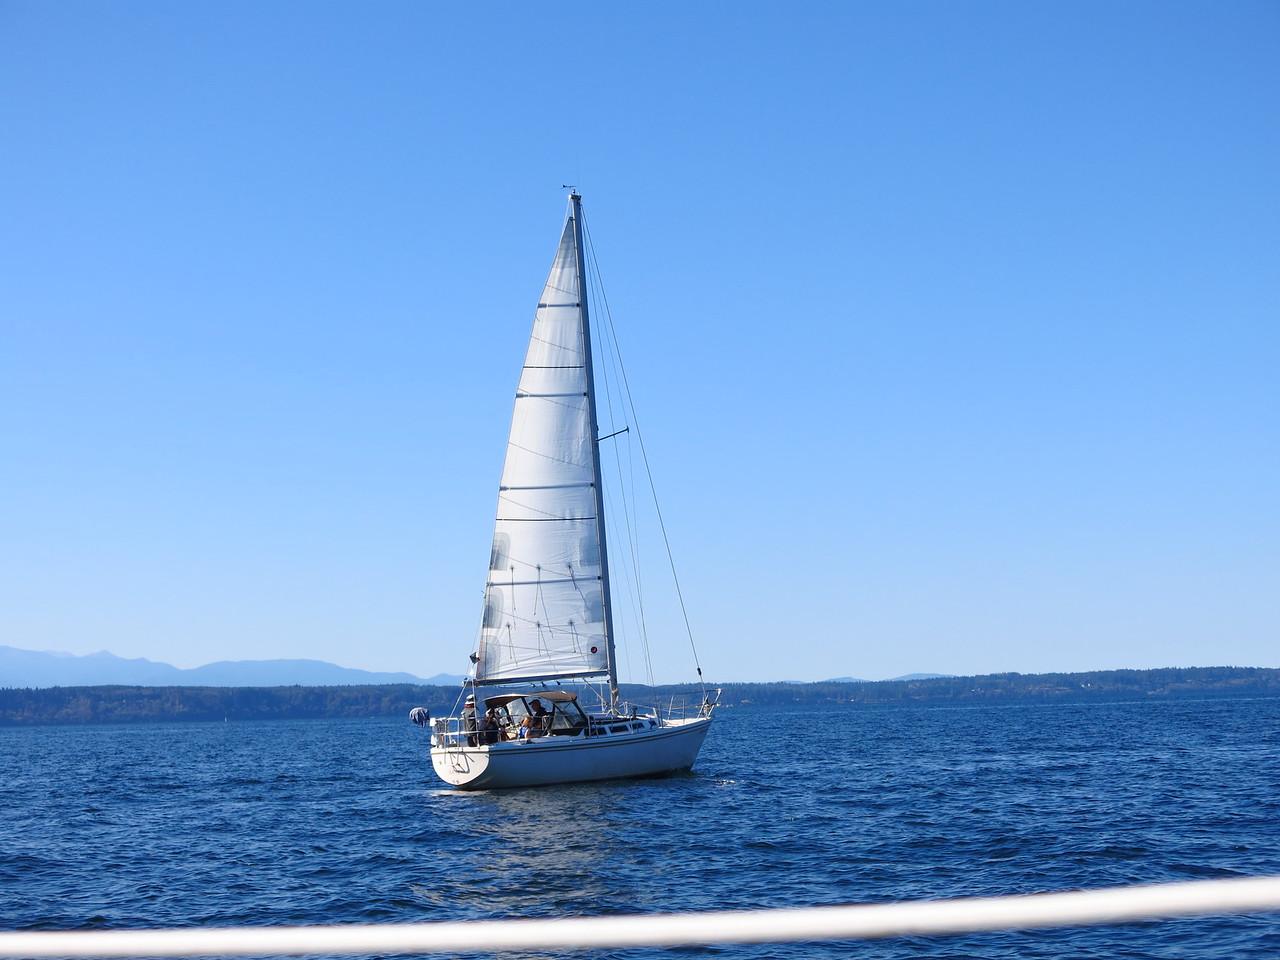 2015-10-04 Sail (25)